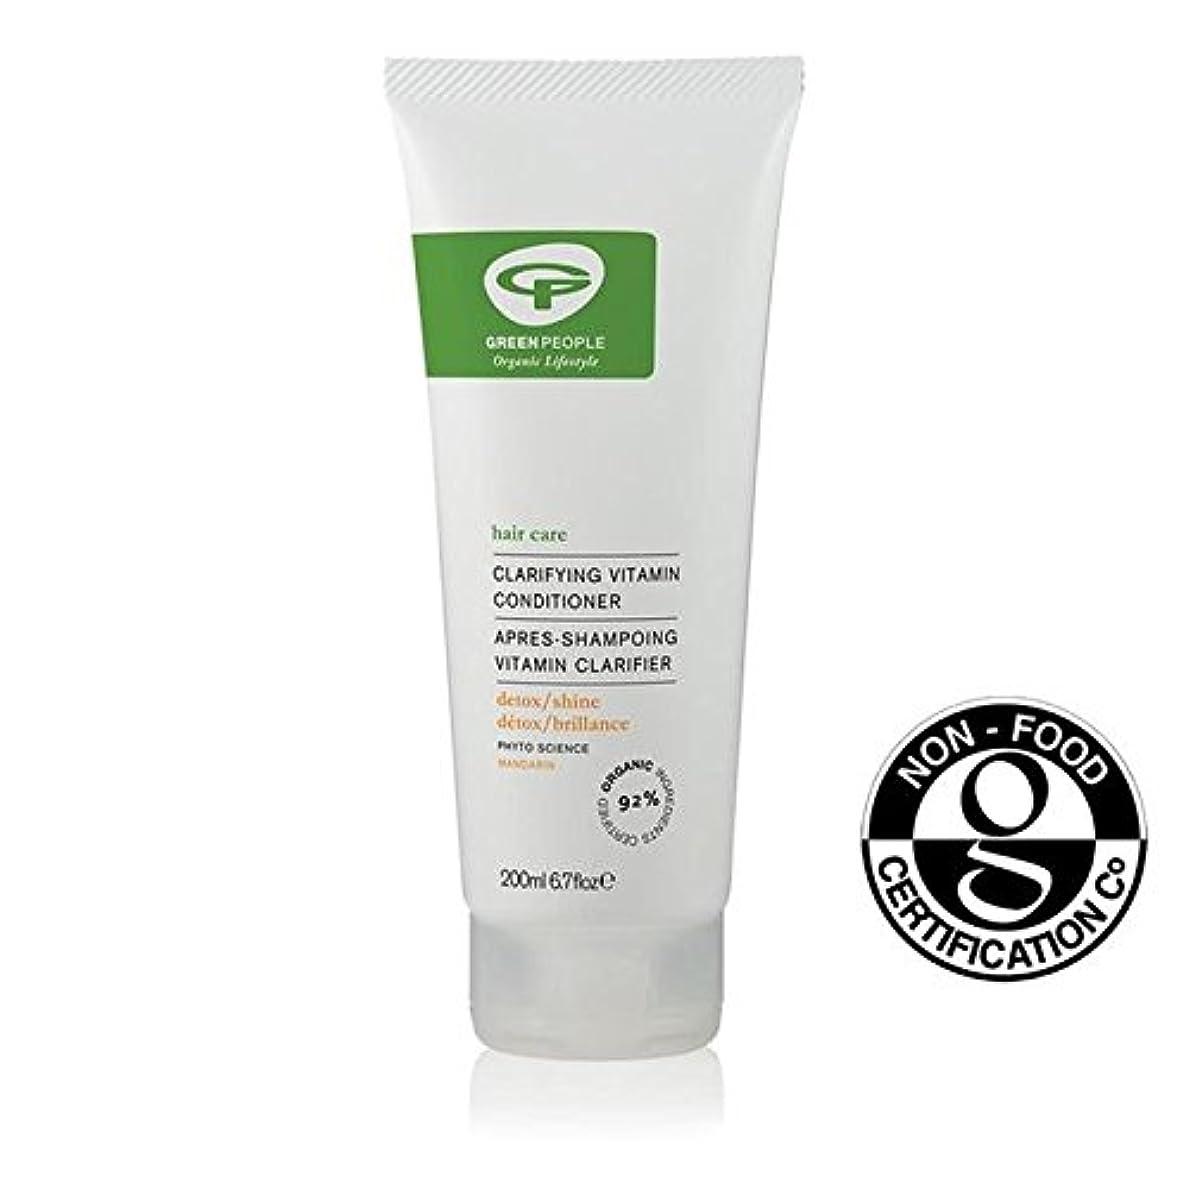 バリケード影響力のあるダイバー緑の人々の有機明確ビタミンコンディショナー200 x4 - Green People Organic Clarifying Vitamin Conditioner 200ml (Pack of 4) [並行輸入品]